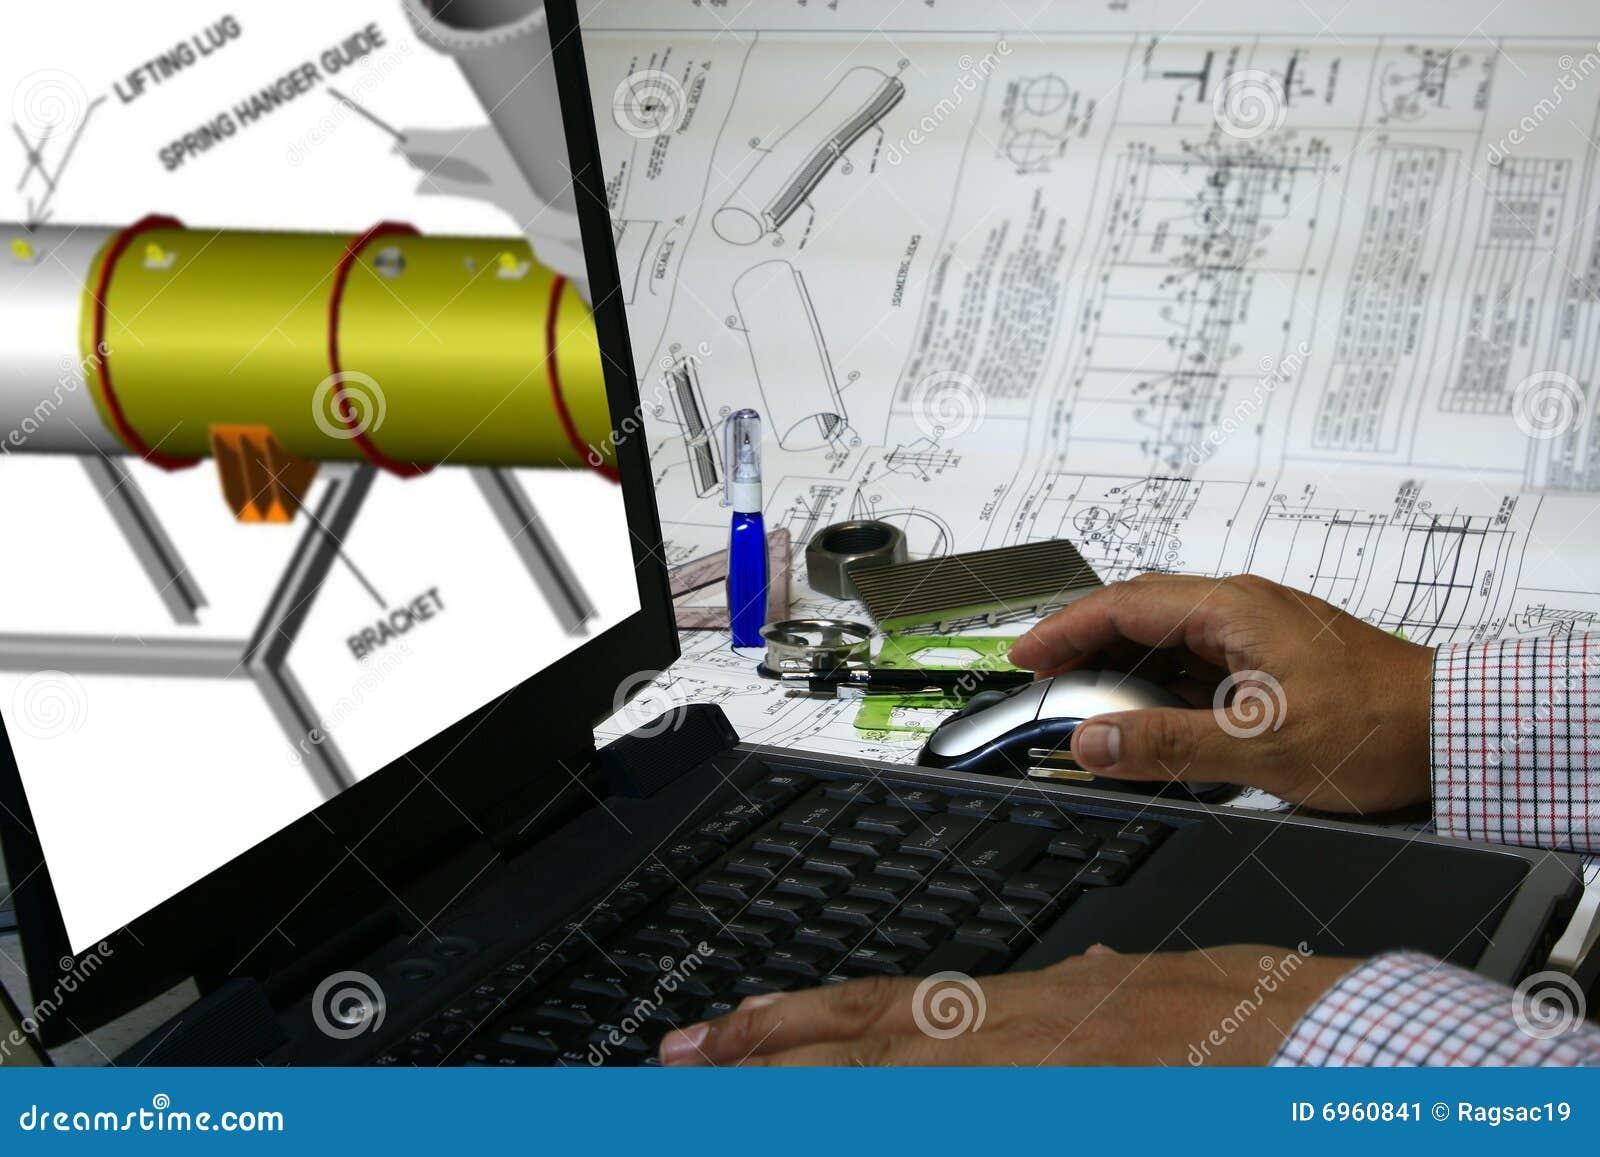 Ontwerp met computer